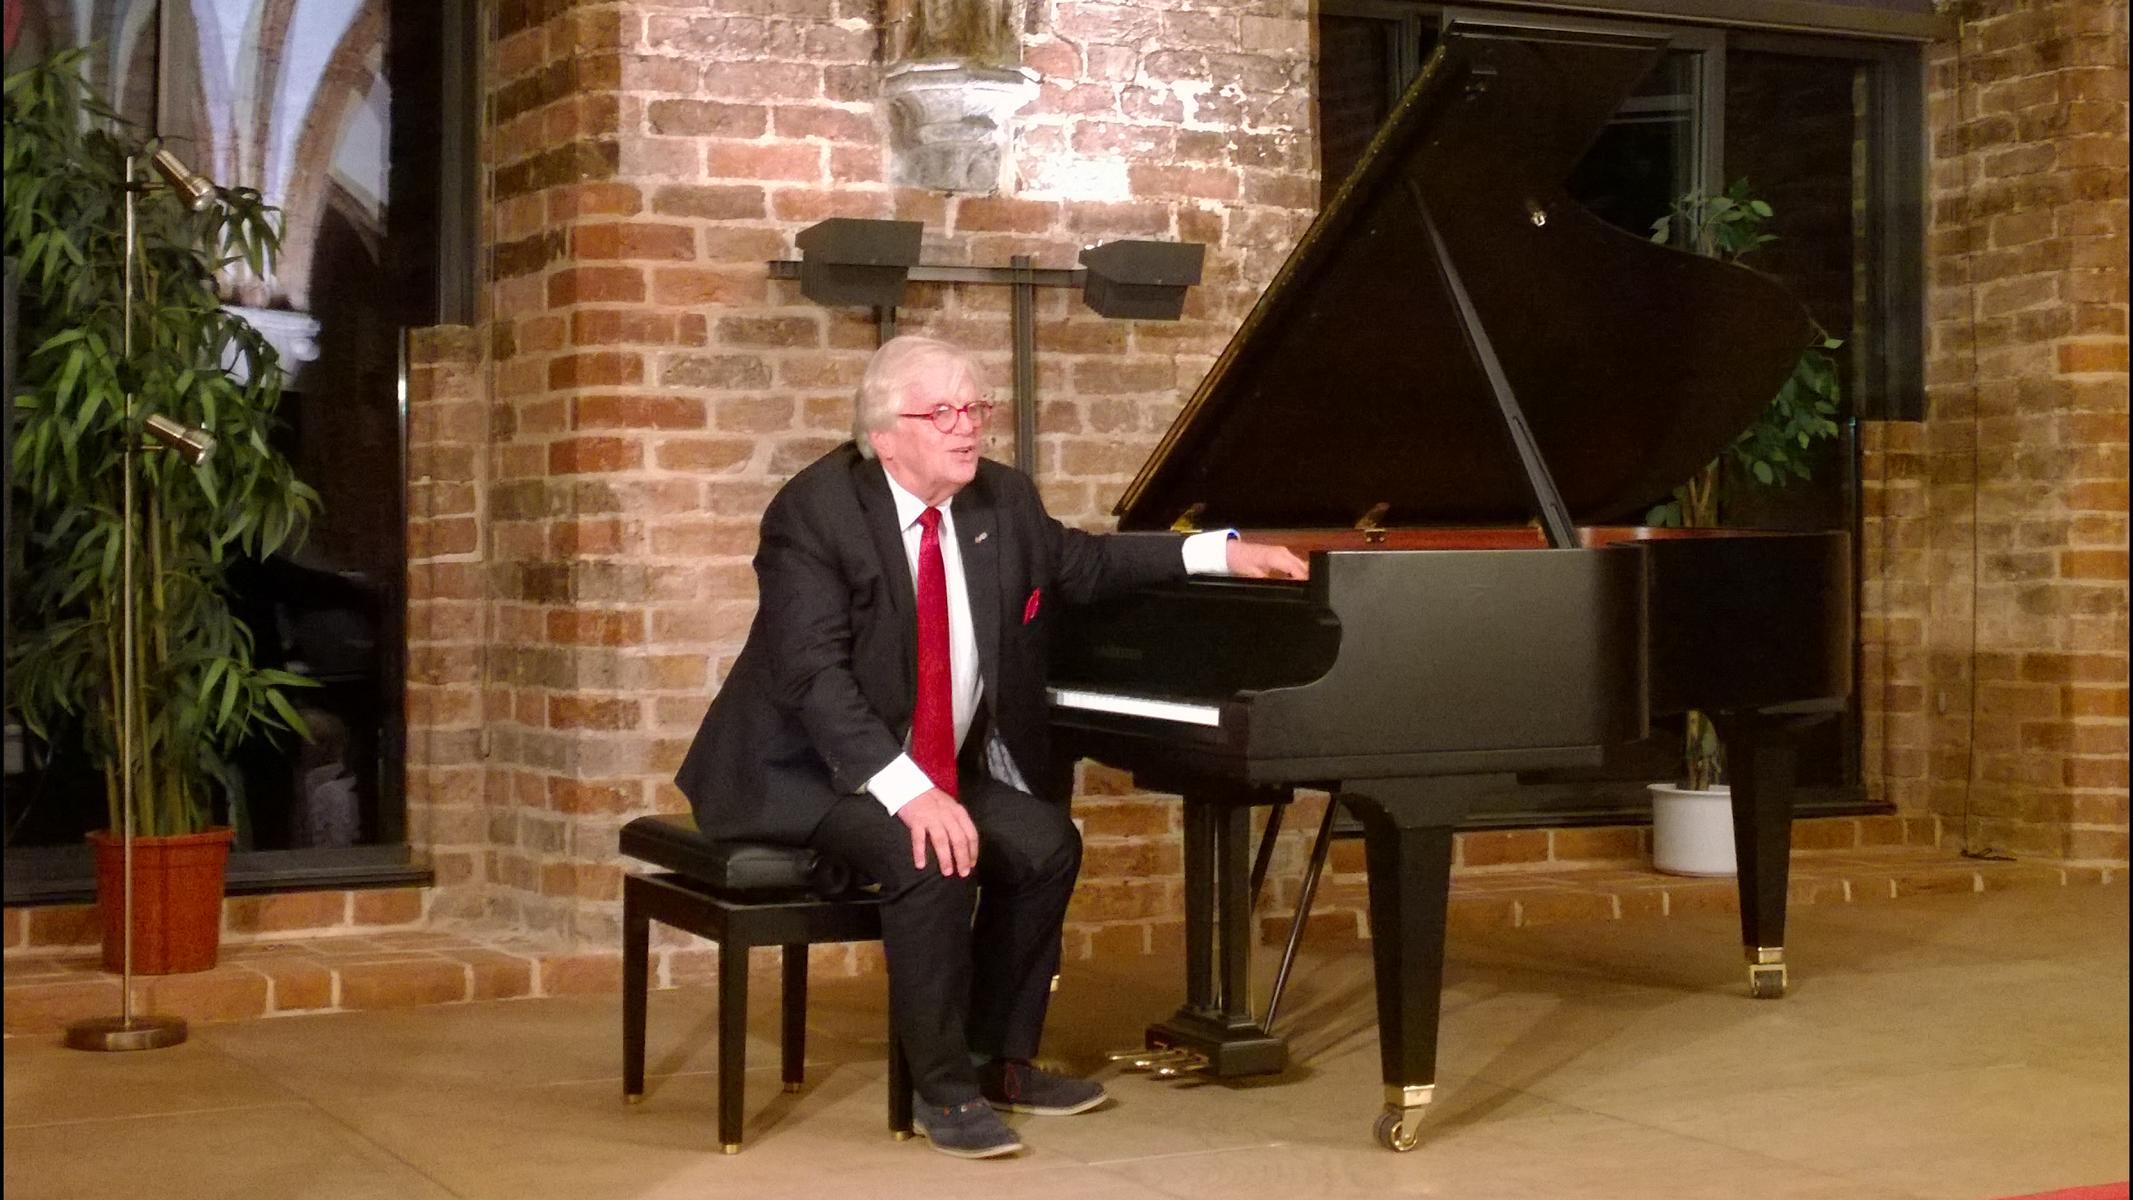 [fällt aus ] 29. März 2020 – Justus Frantz spielt Beethoven, Chopin und Debussy